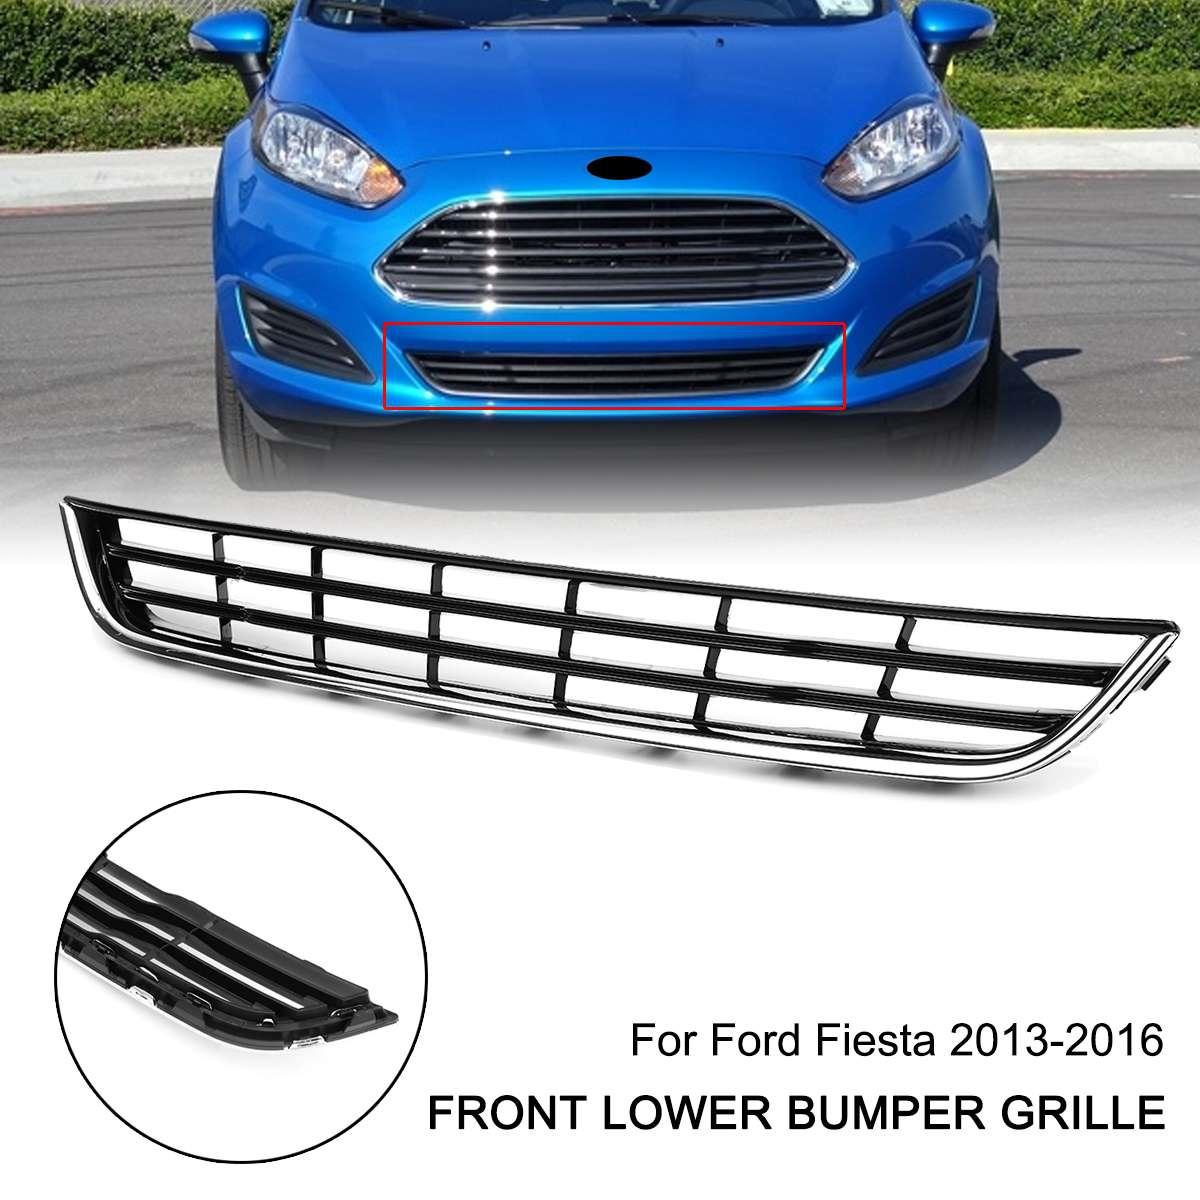 Calandre centrale de pare-chocs avant chromé pour Ford/Fiesta 2013-2016